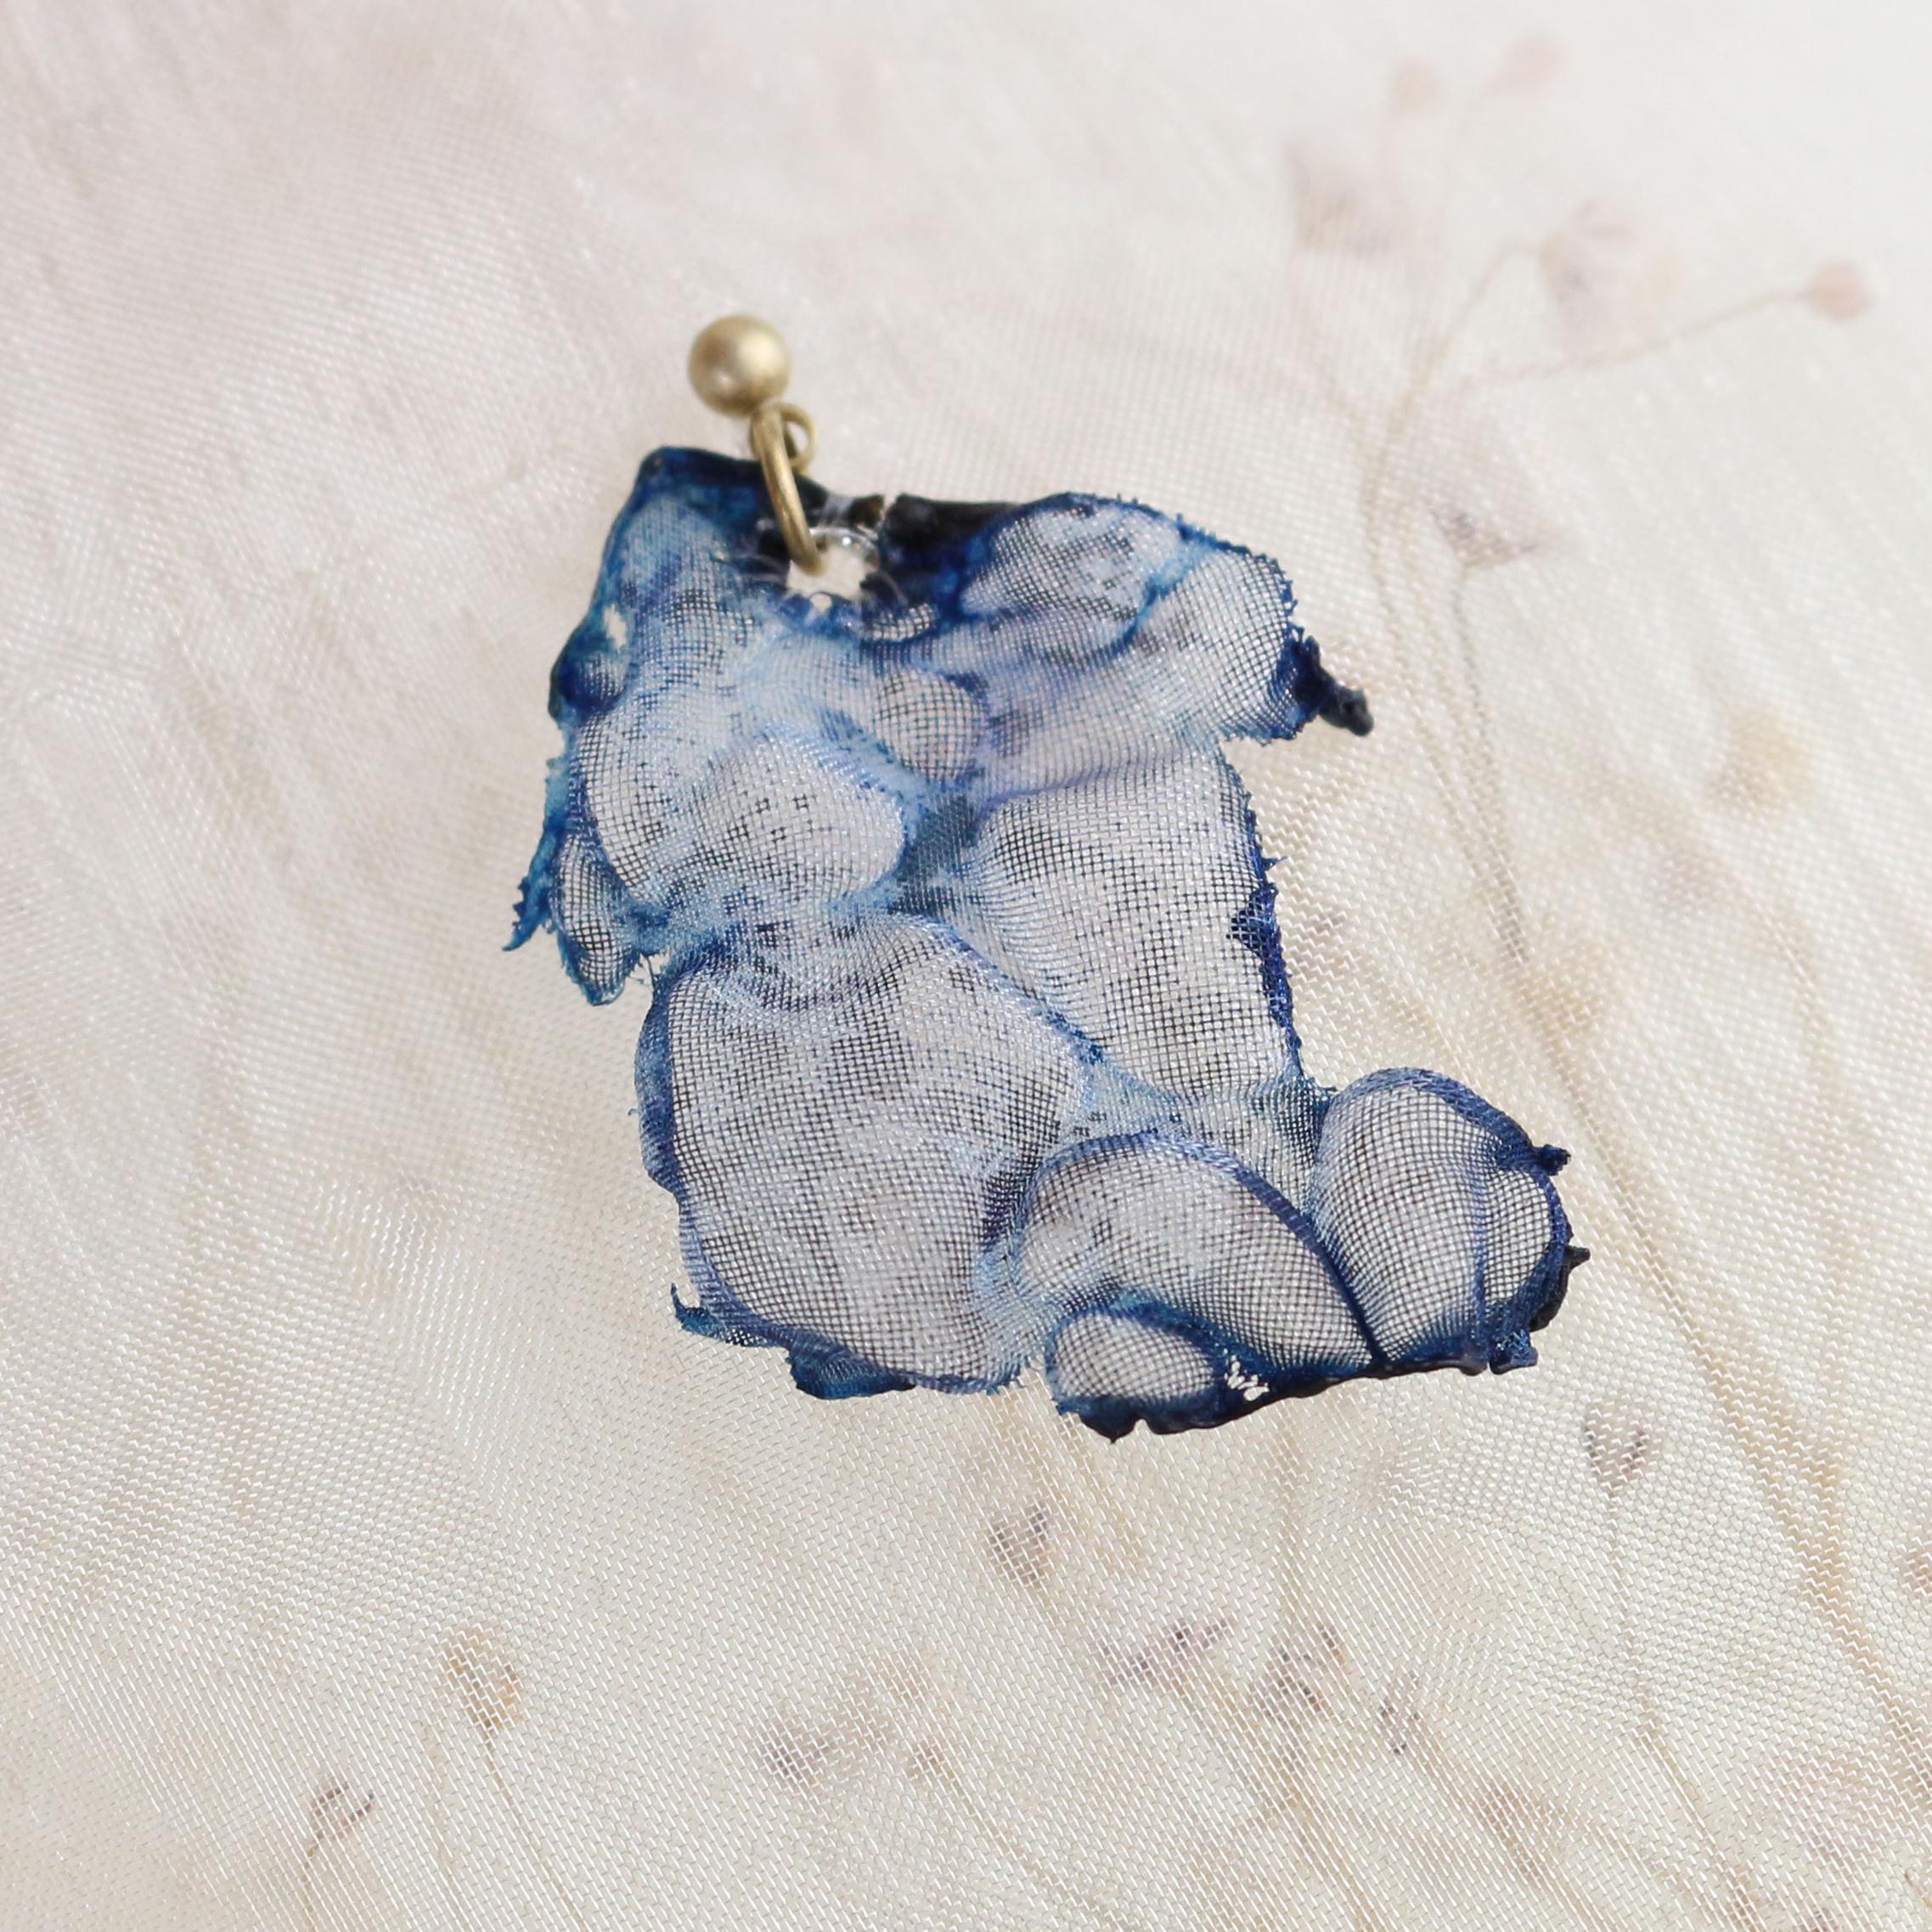 染めオーガンジーのアートピアス|空色